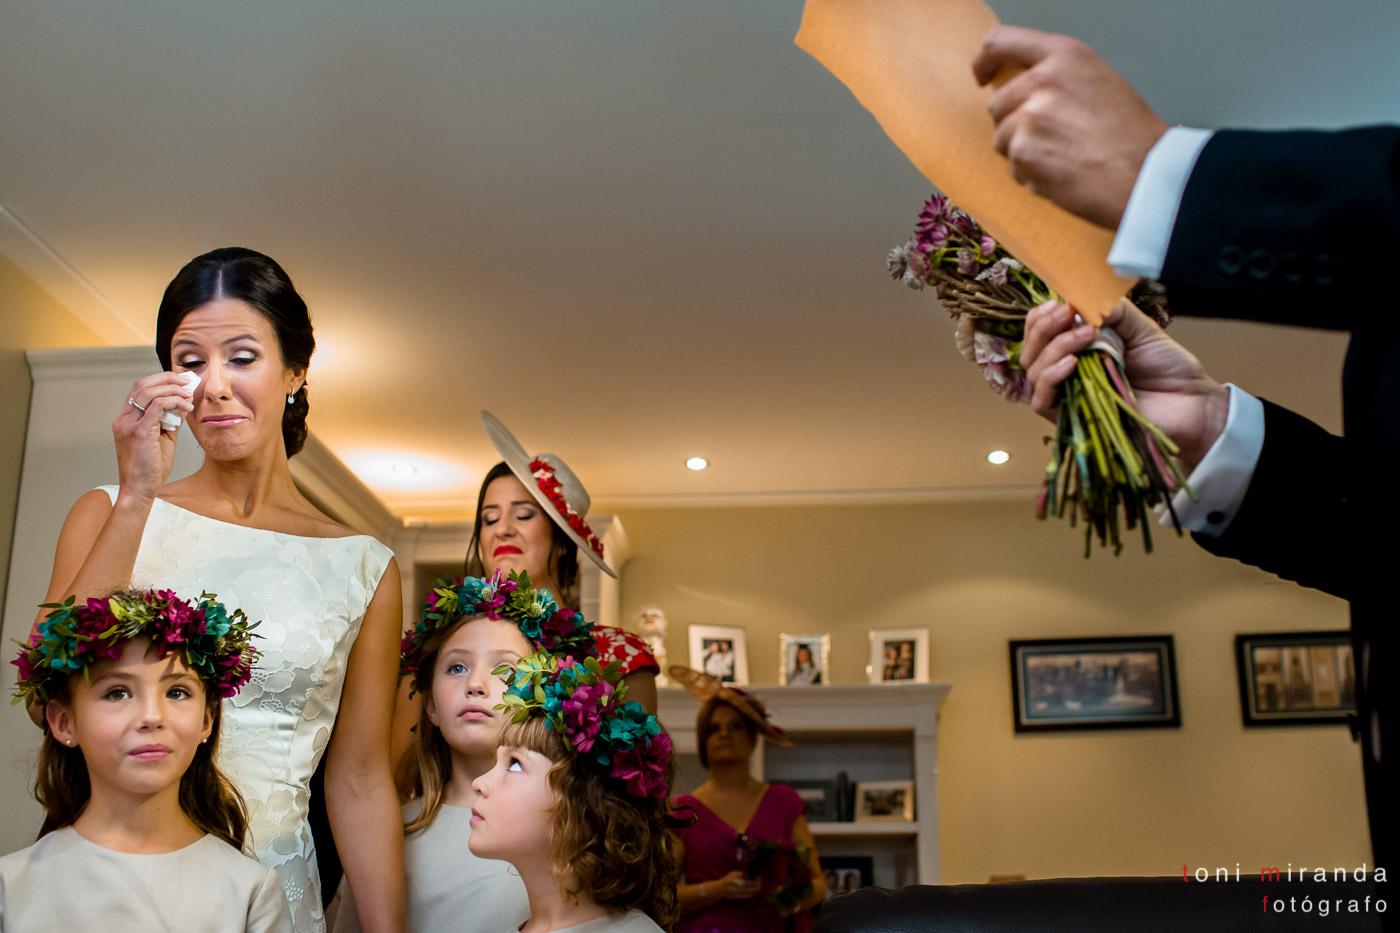 Lectura de padrino de novia a la entrega del ramo, tradición catalana